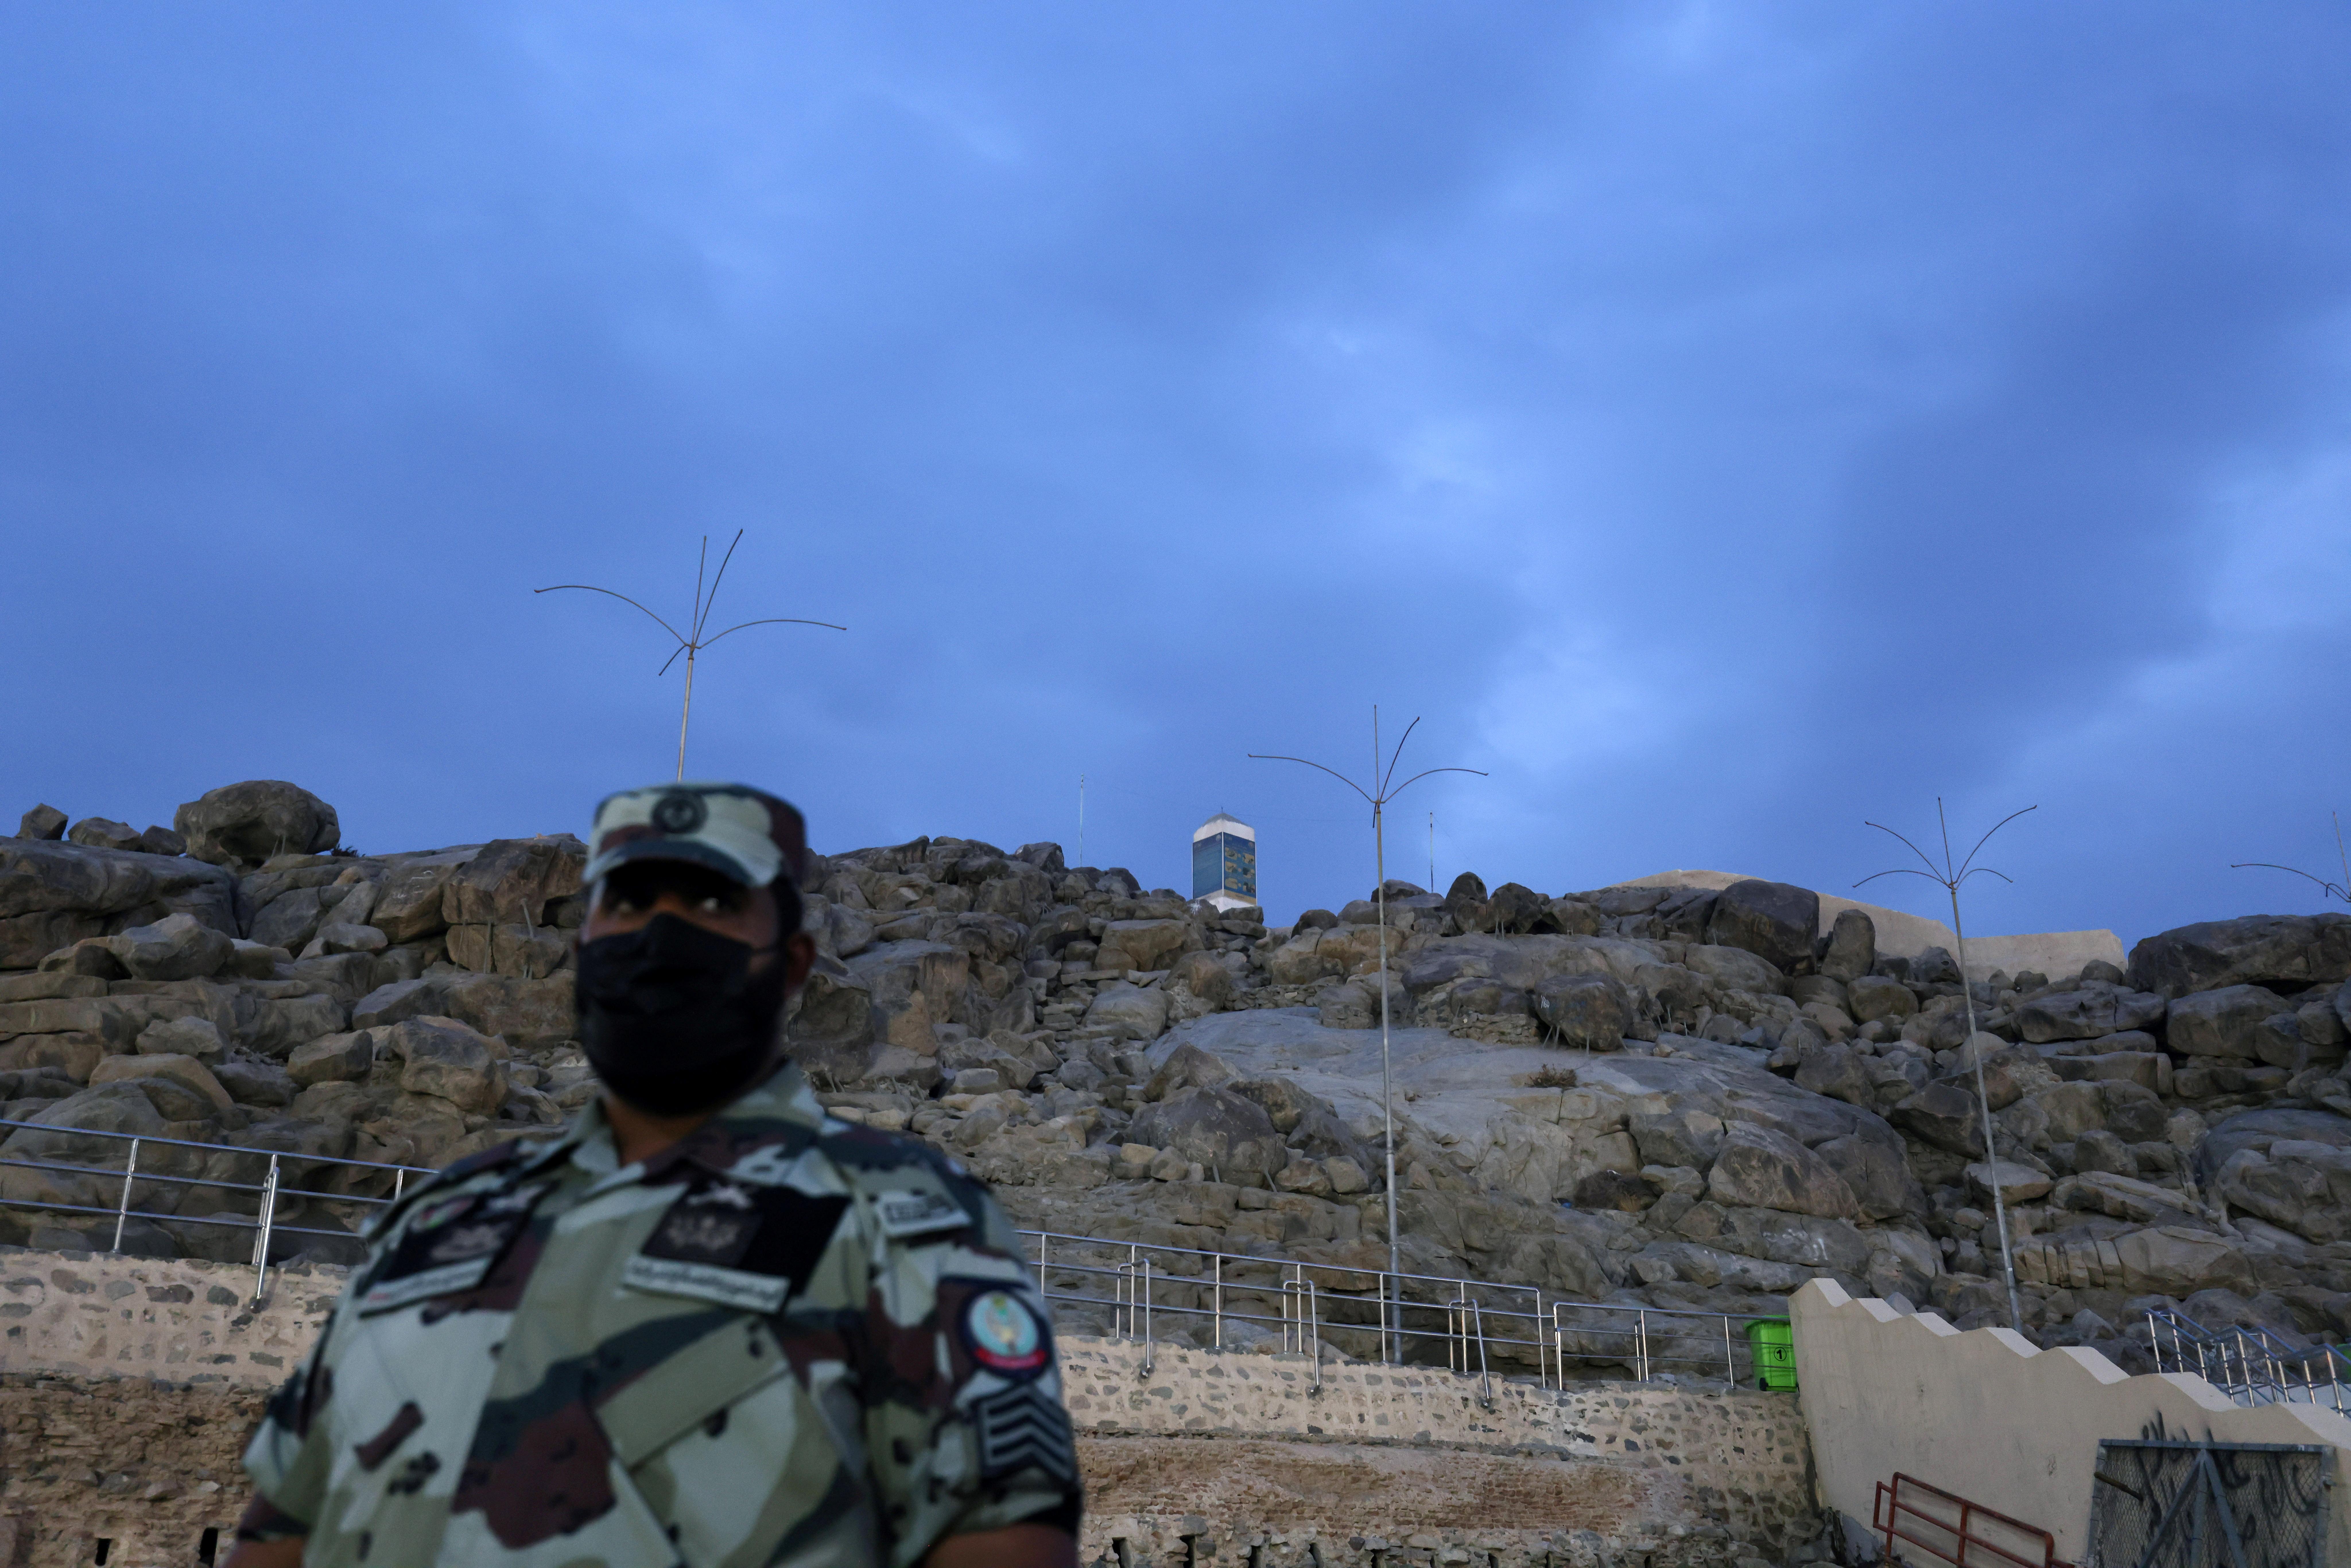 अराफत के पर्वत के पास खड़ा सऊदी सिक्योरिटी फोर्स का एक गार्ड।